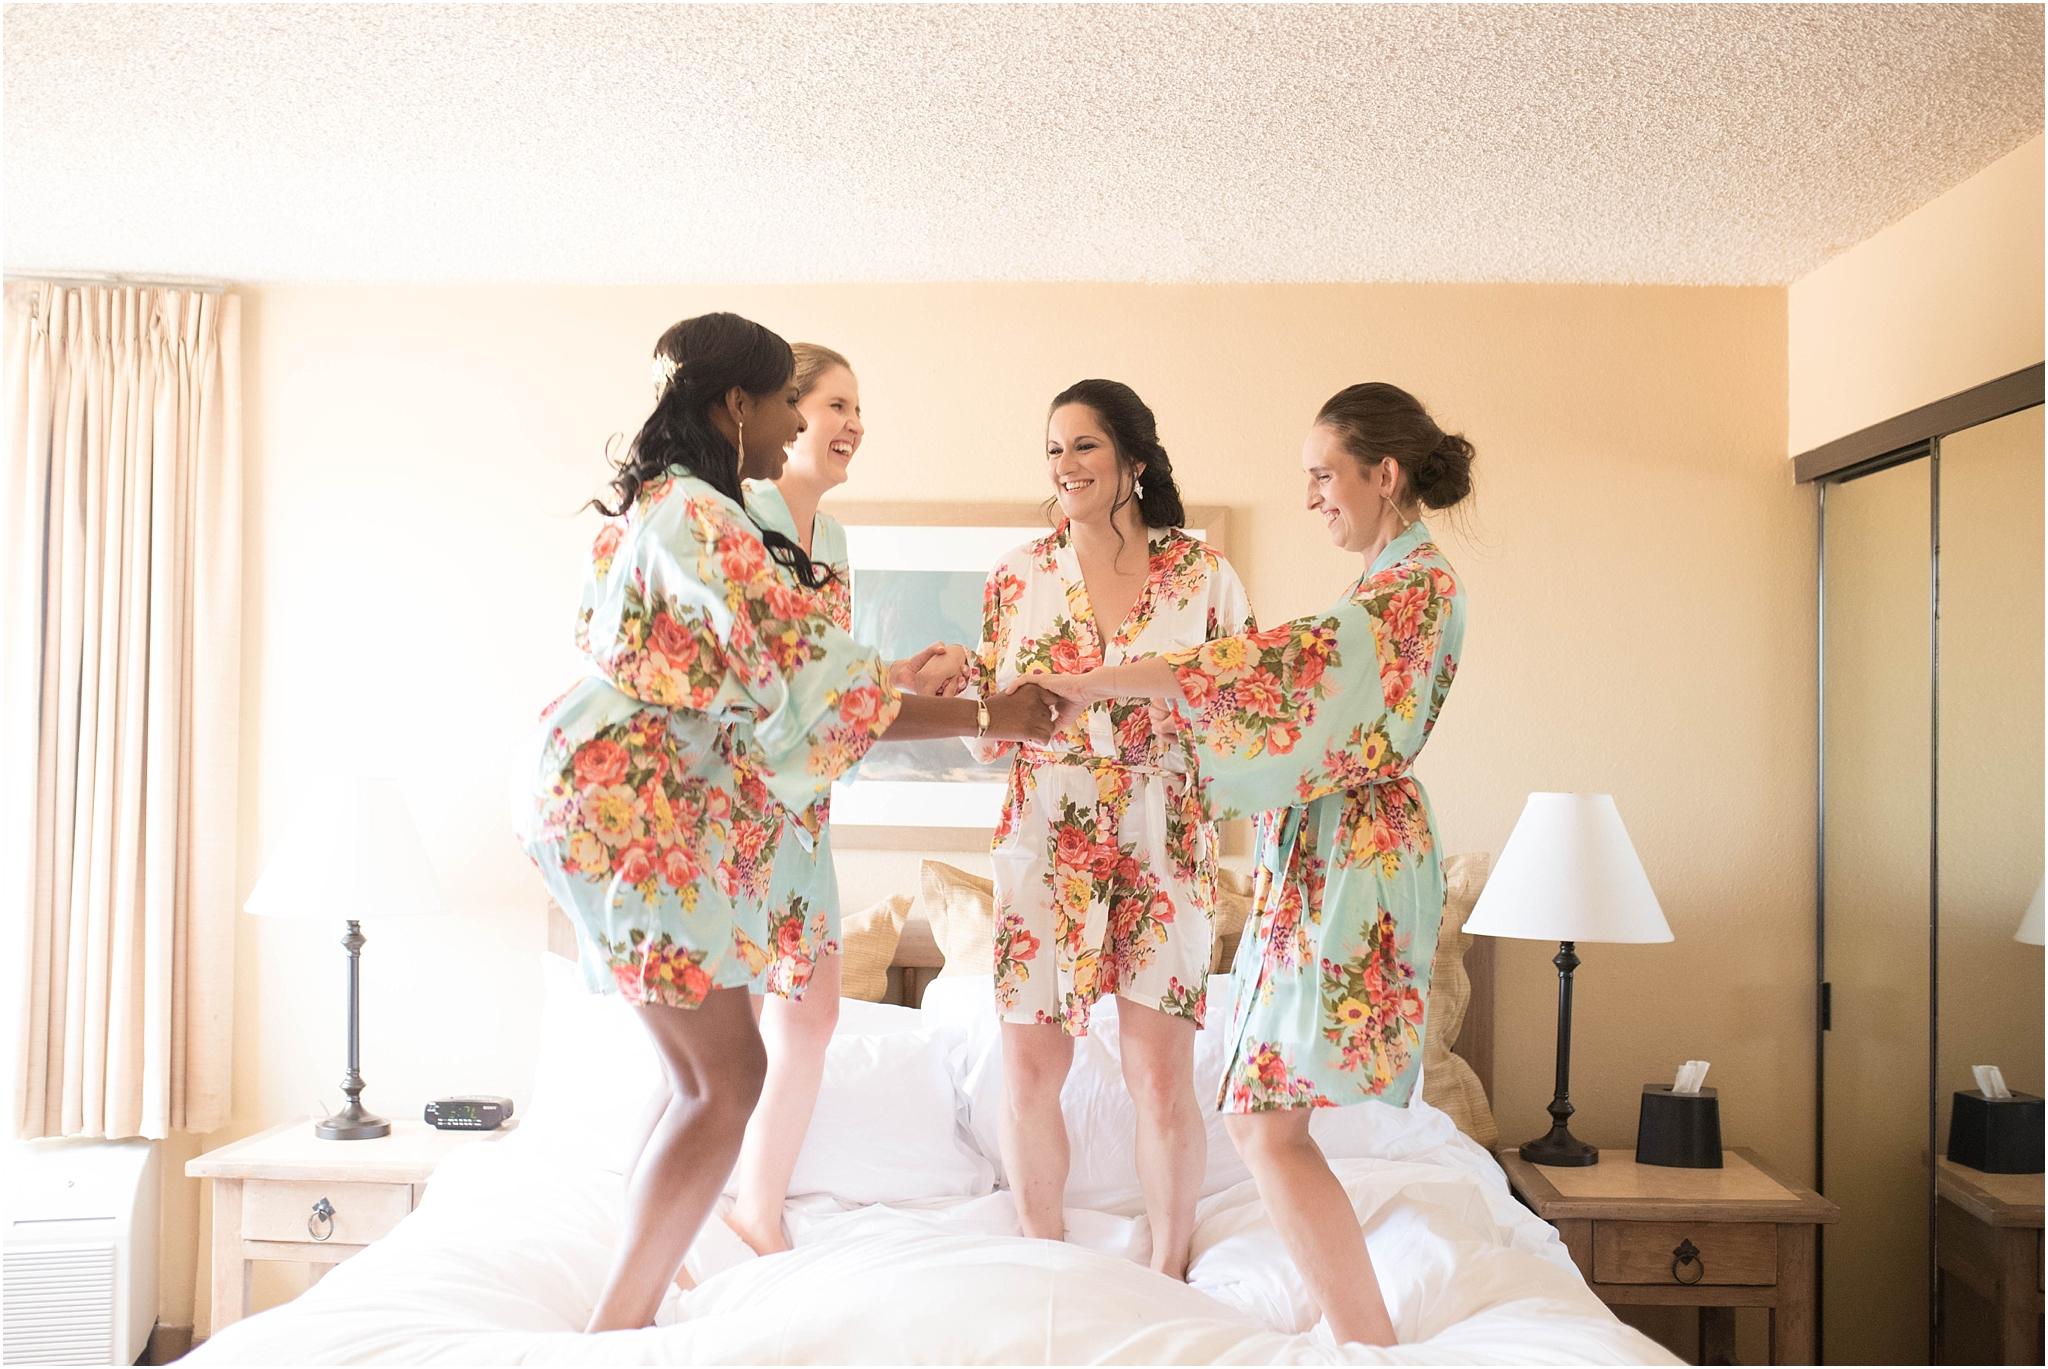 kayla kitts photography - new mexico wedding photographer - albuquerque botanic gardens - hotel albuquerque_0004.jpg